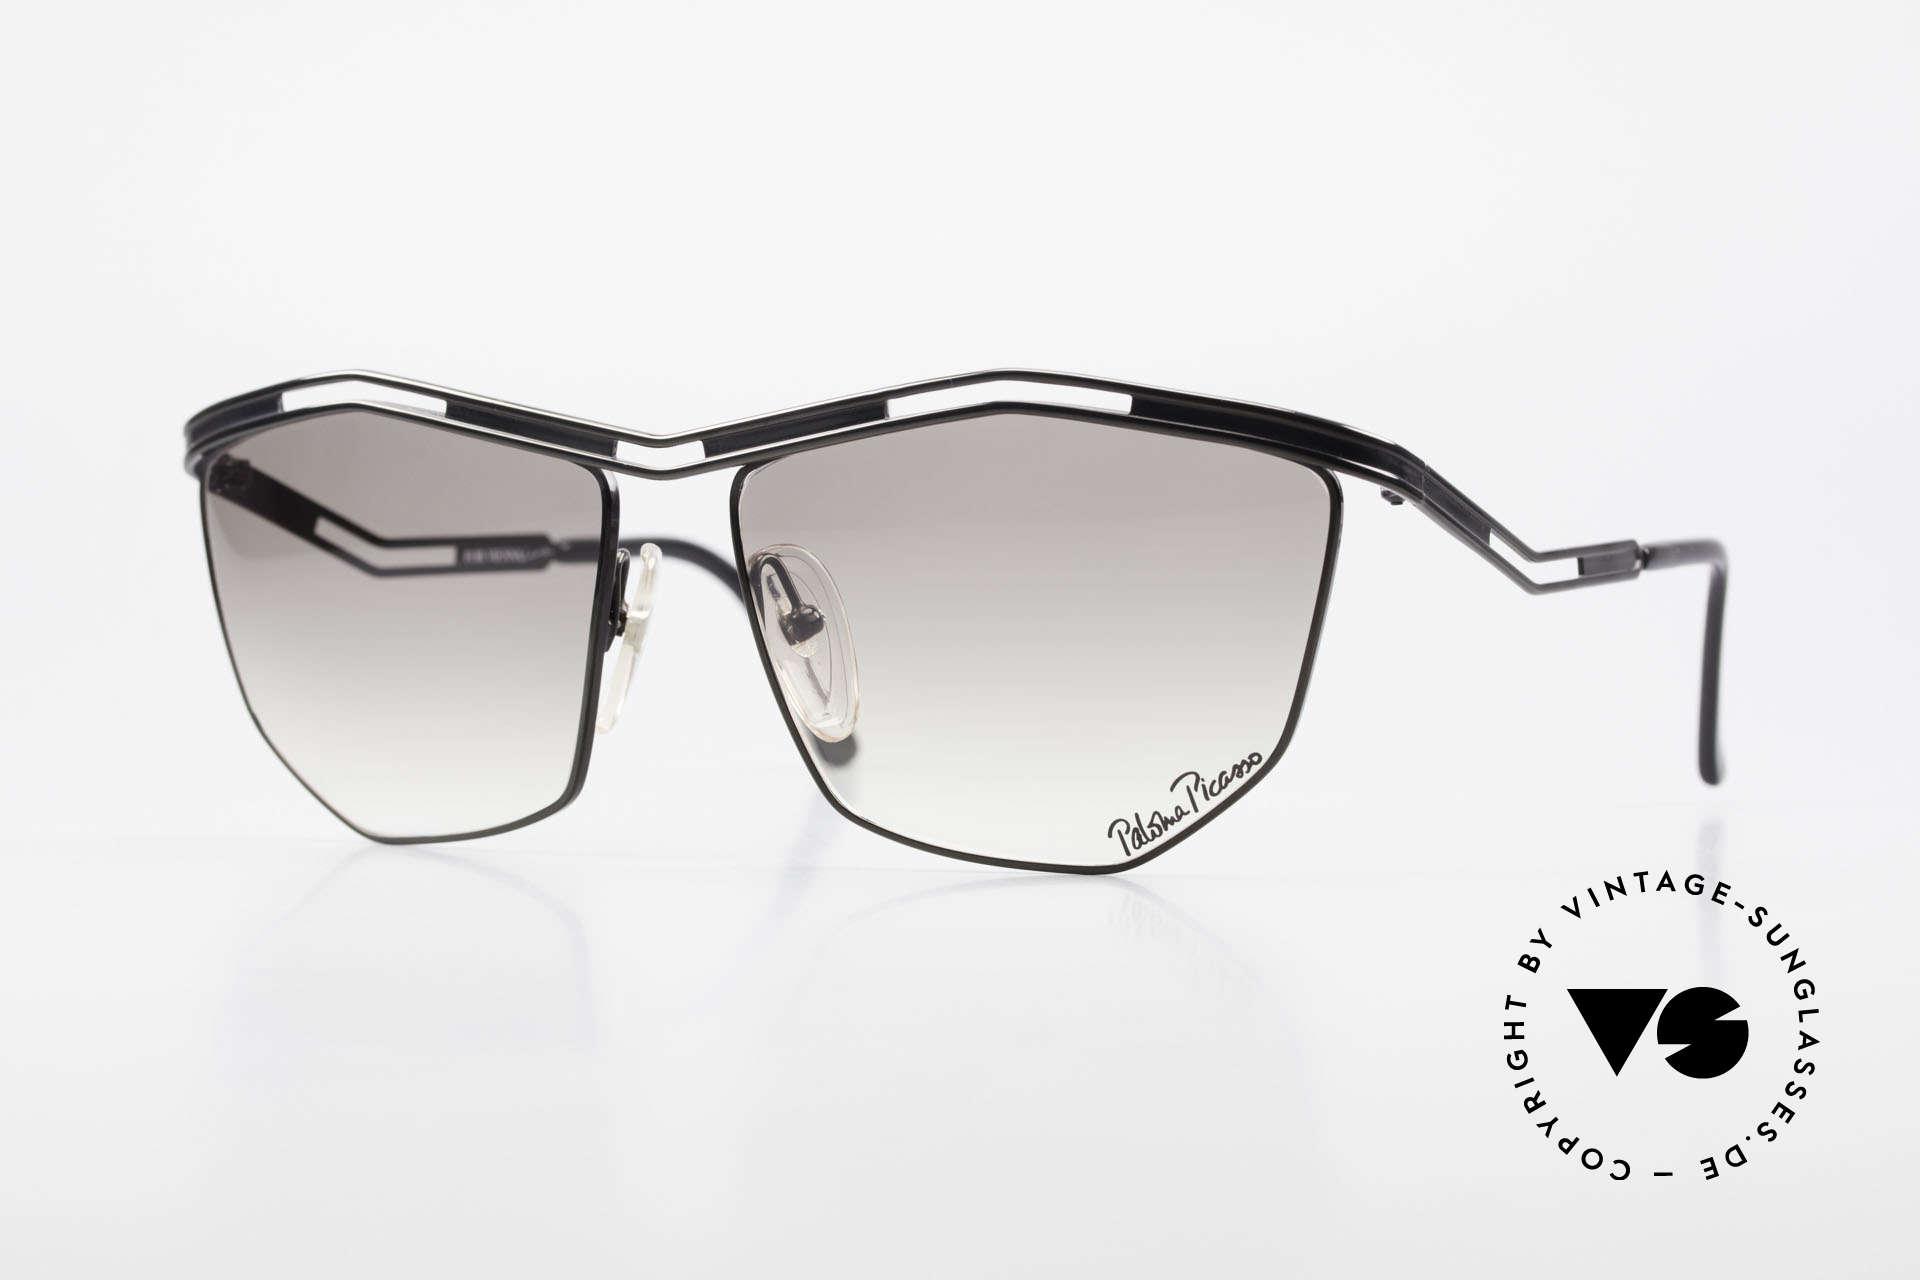 Paloma Picasso 1478 90er Sonnenbrille für Damen, vintage Designersonnenbrille von Paloma Picasso, Passend für Damen